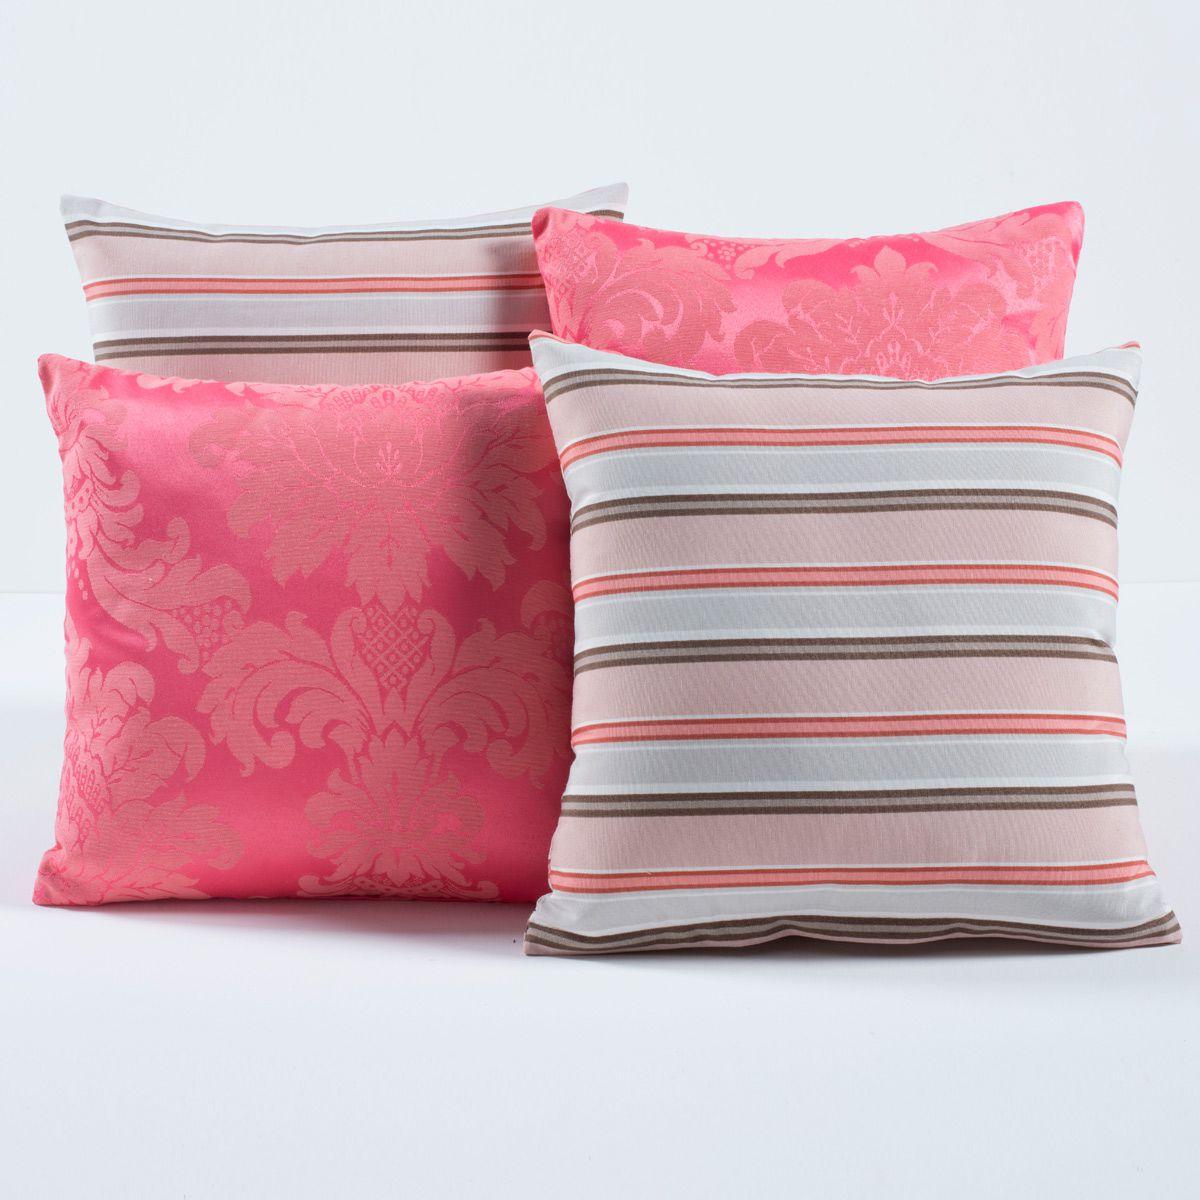 Almofadas Decorativas Listras Rosa 04 Peças c/ Refil